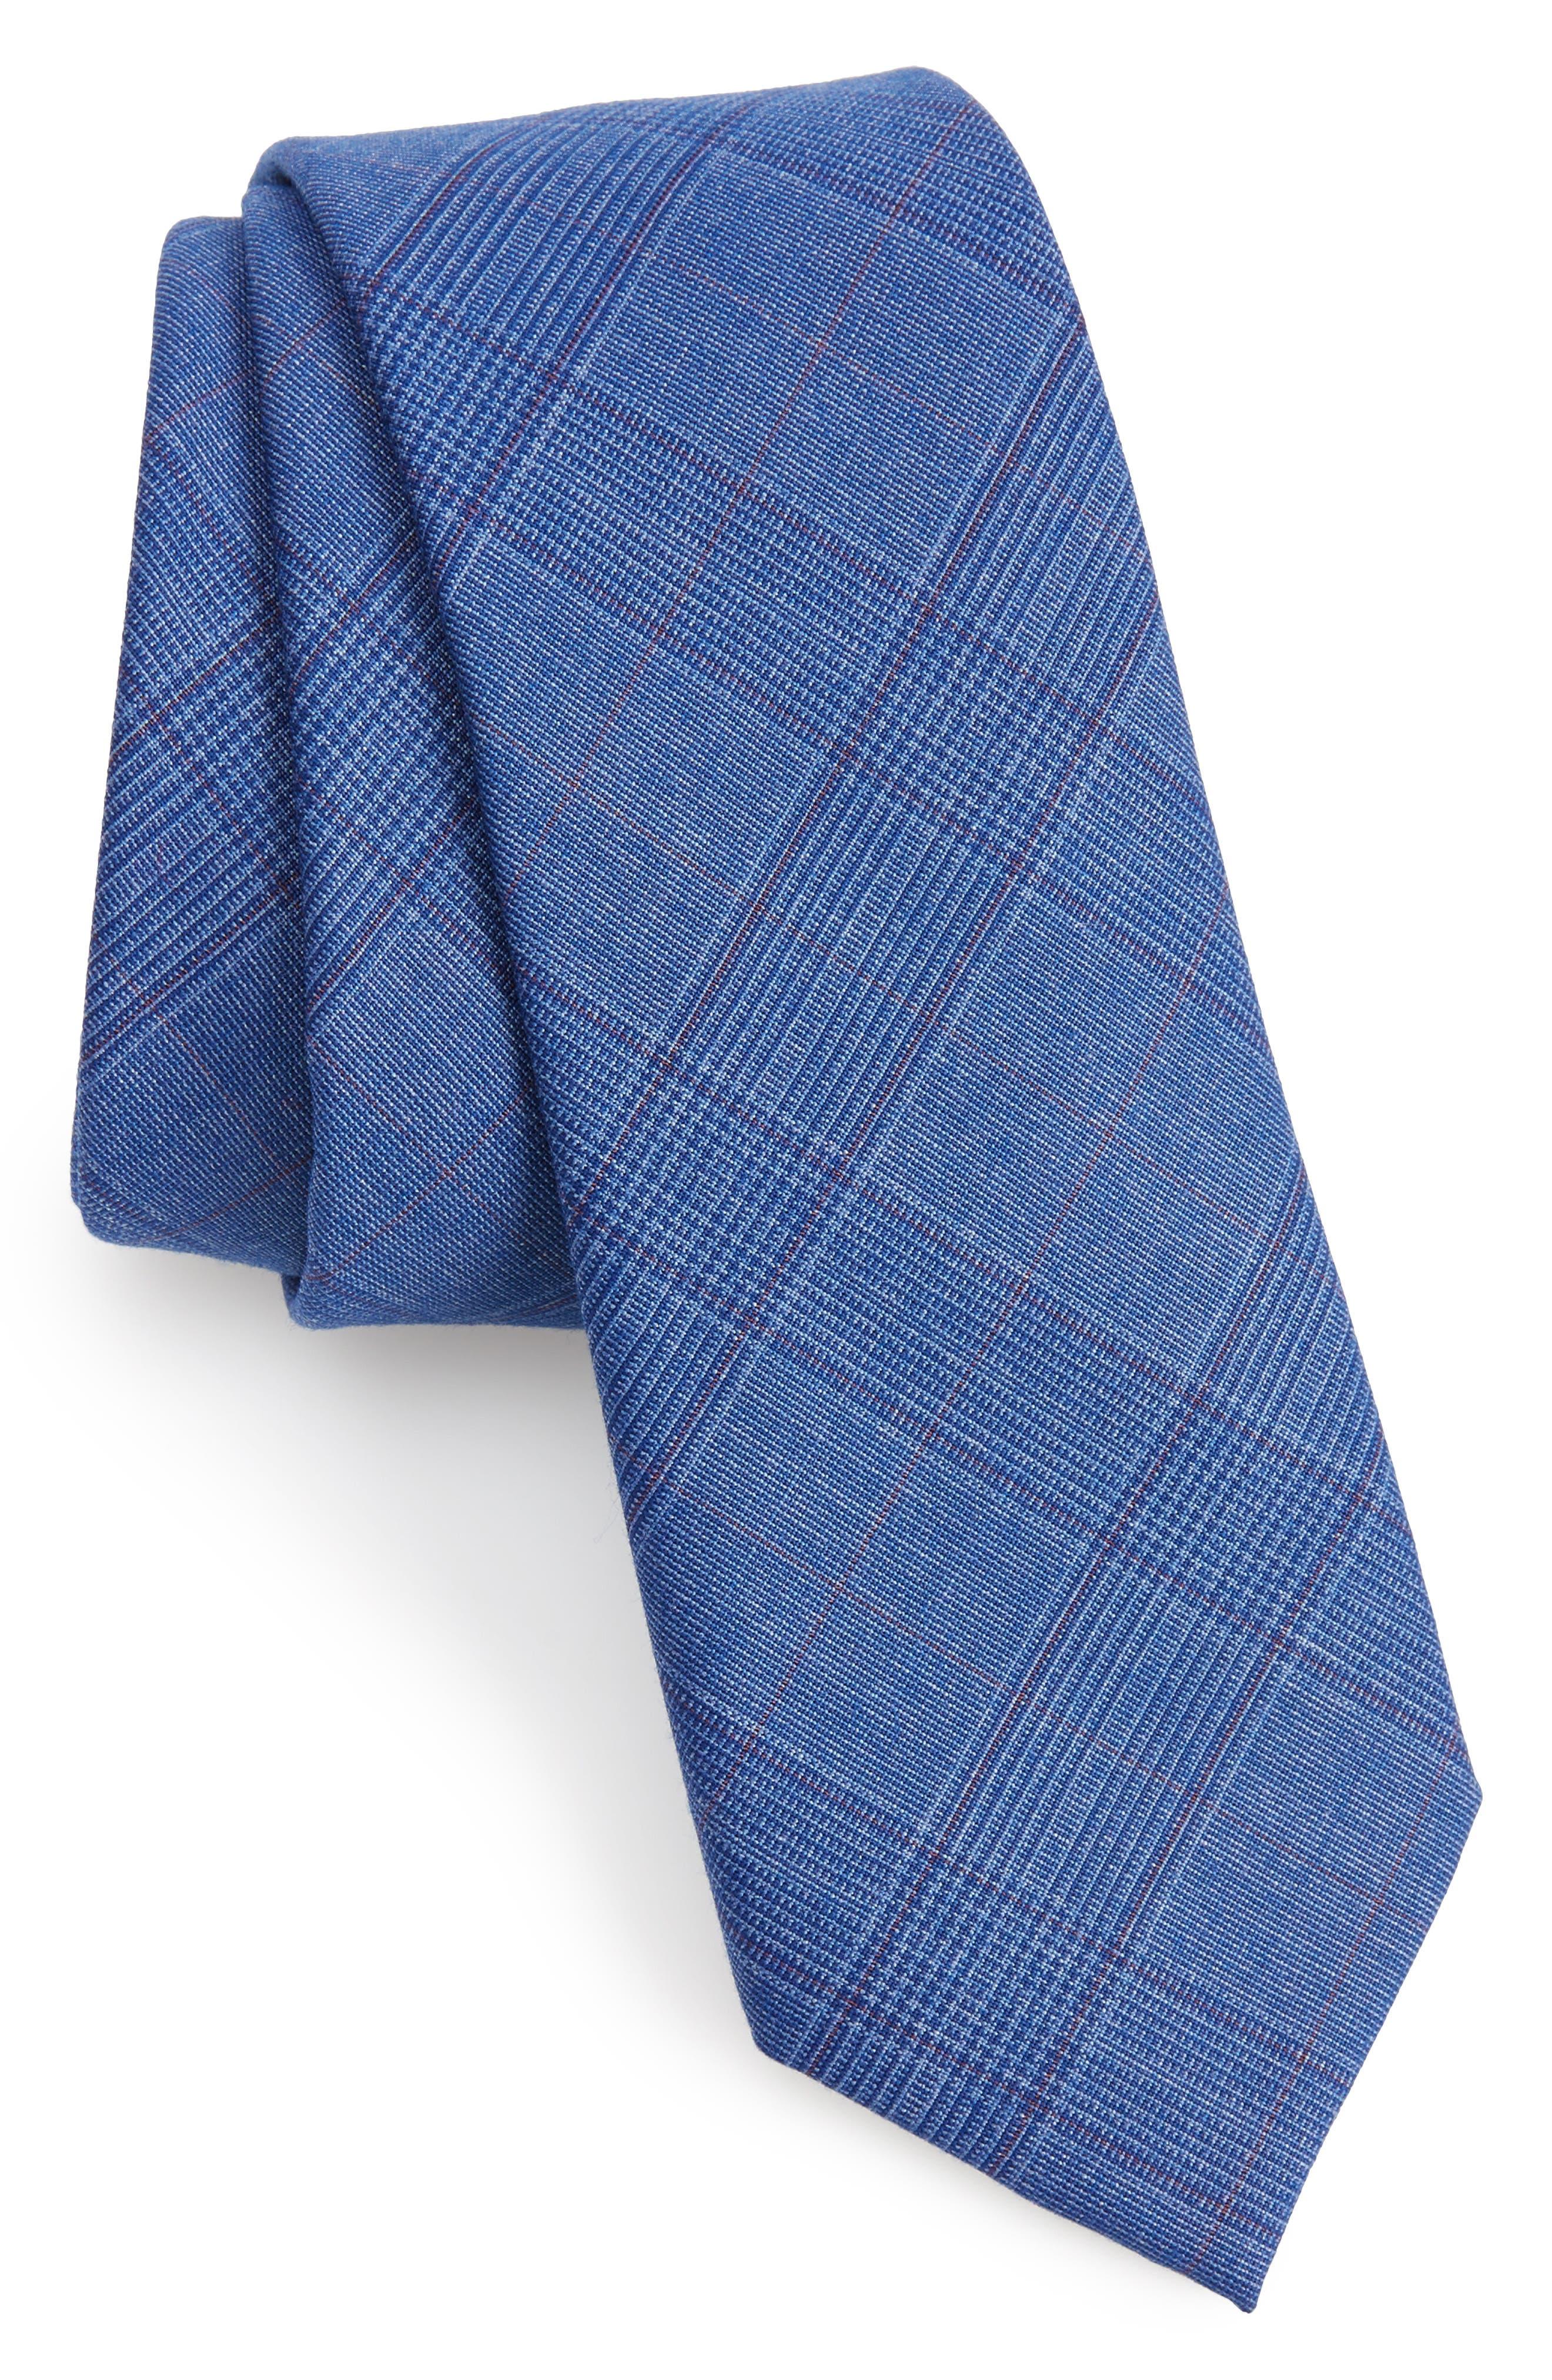 Wheaton Plaid Skinny Tie,                         Main,                         color, Navy